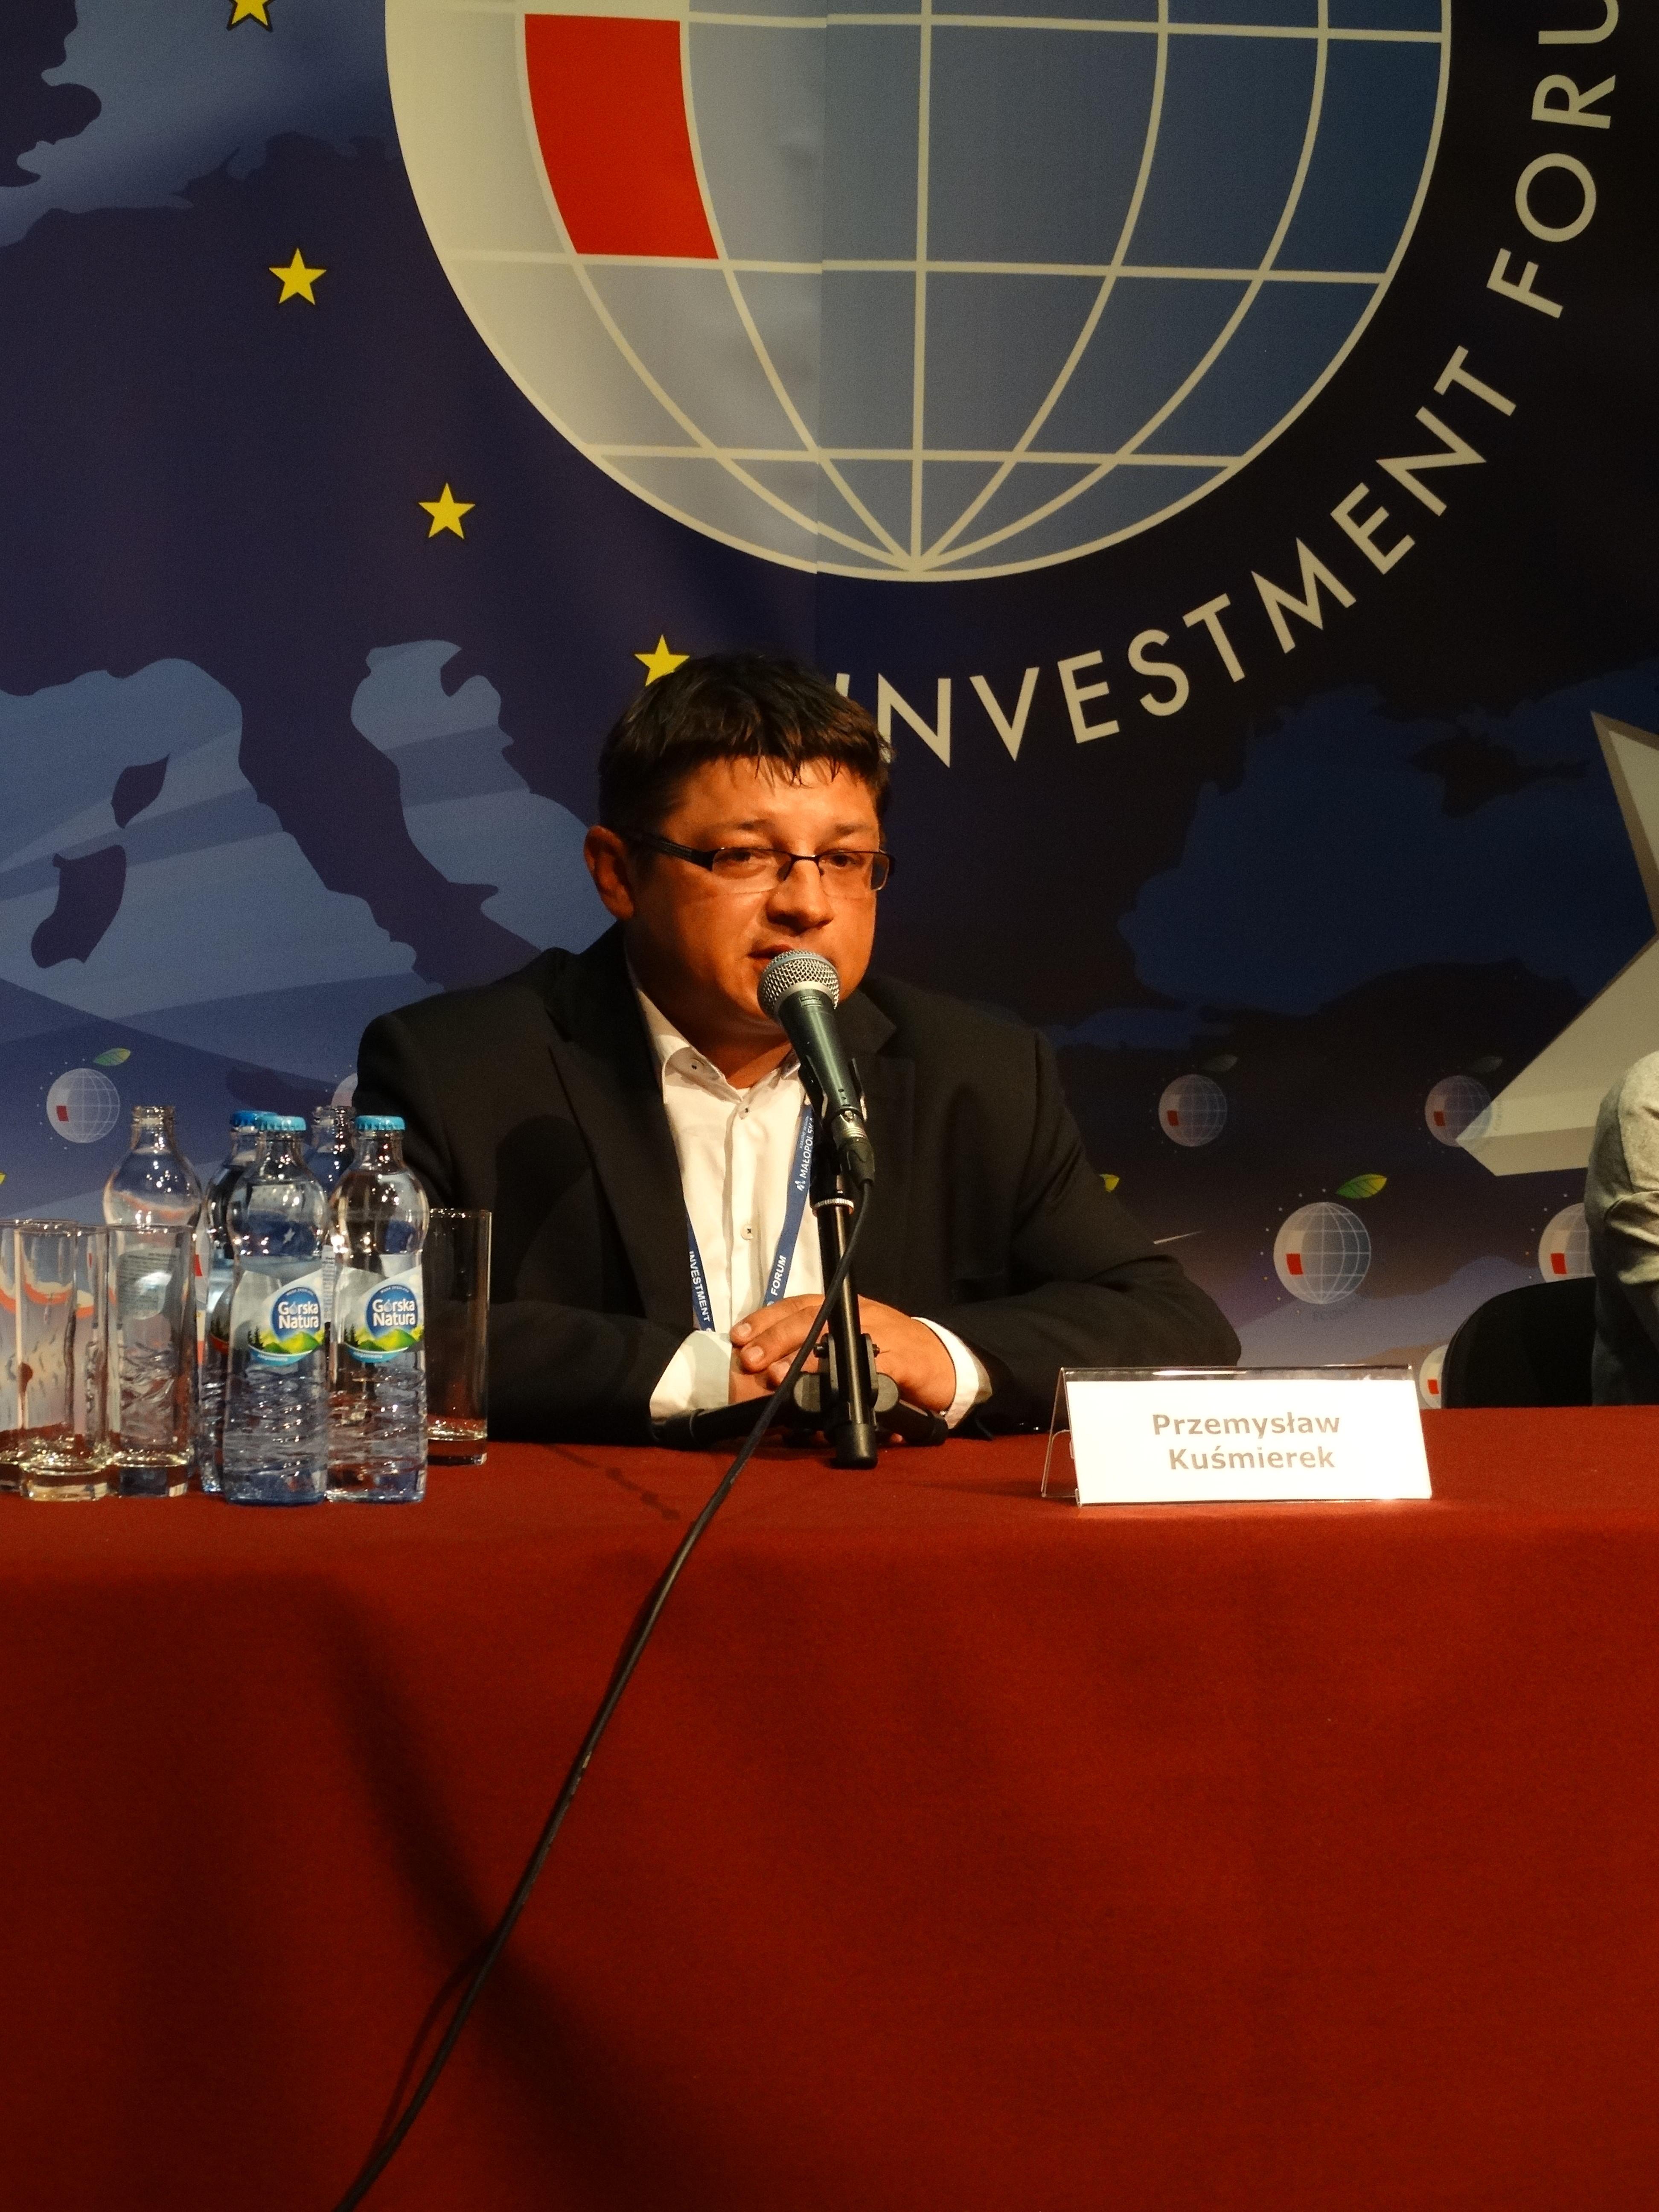 Forum Inwestycyjne Kuśmierek